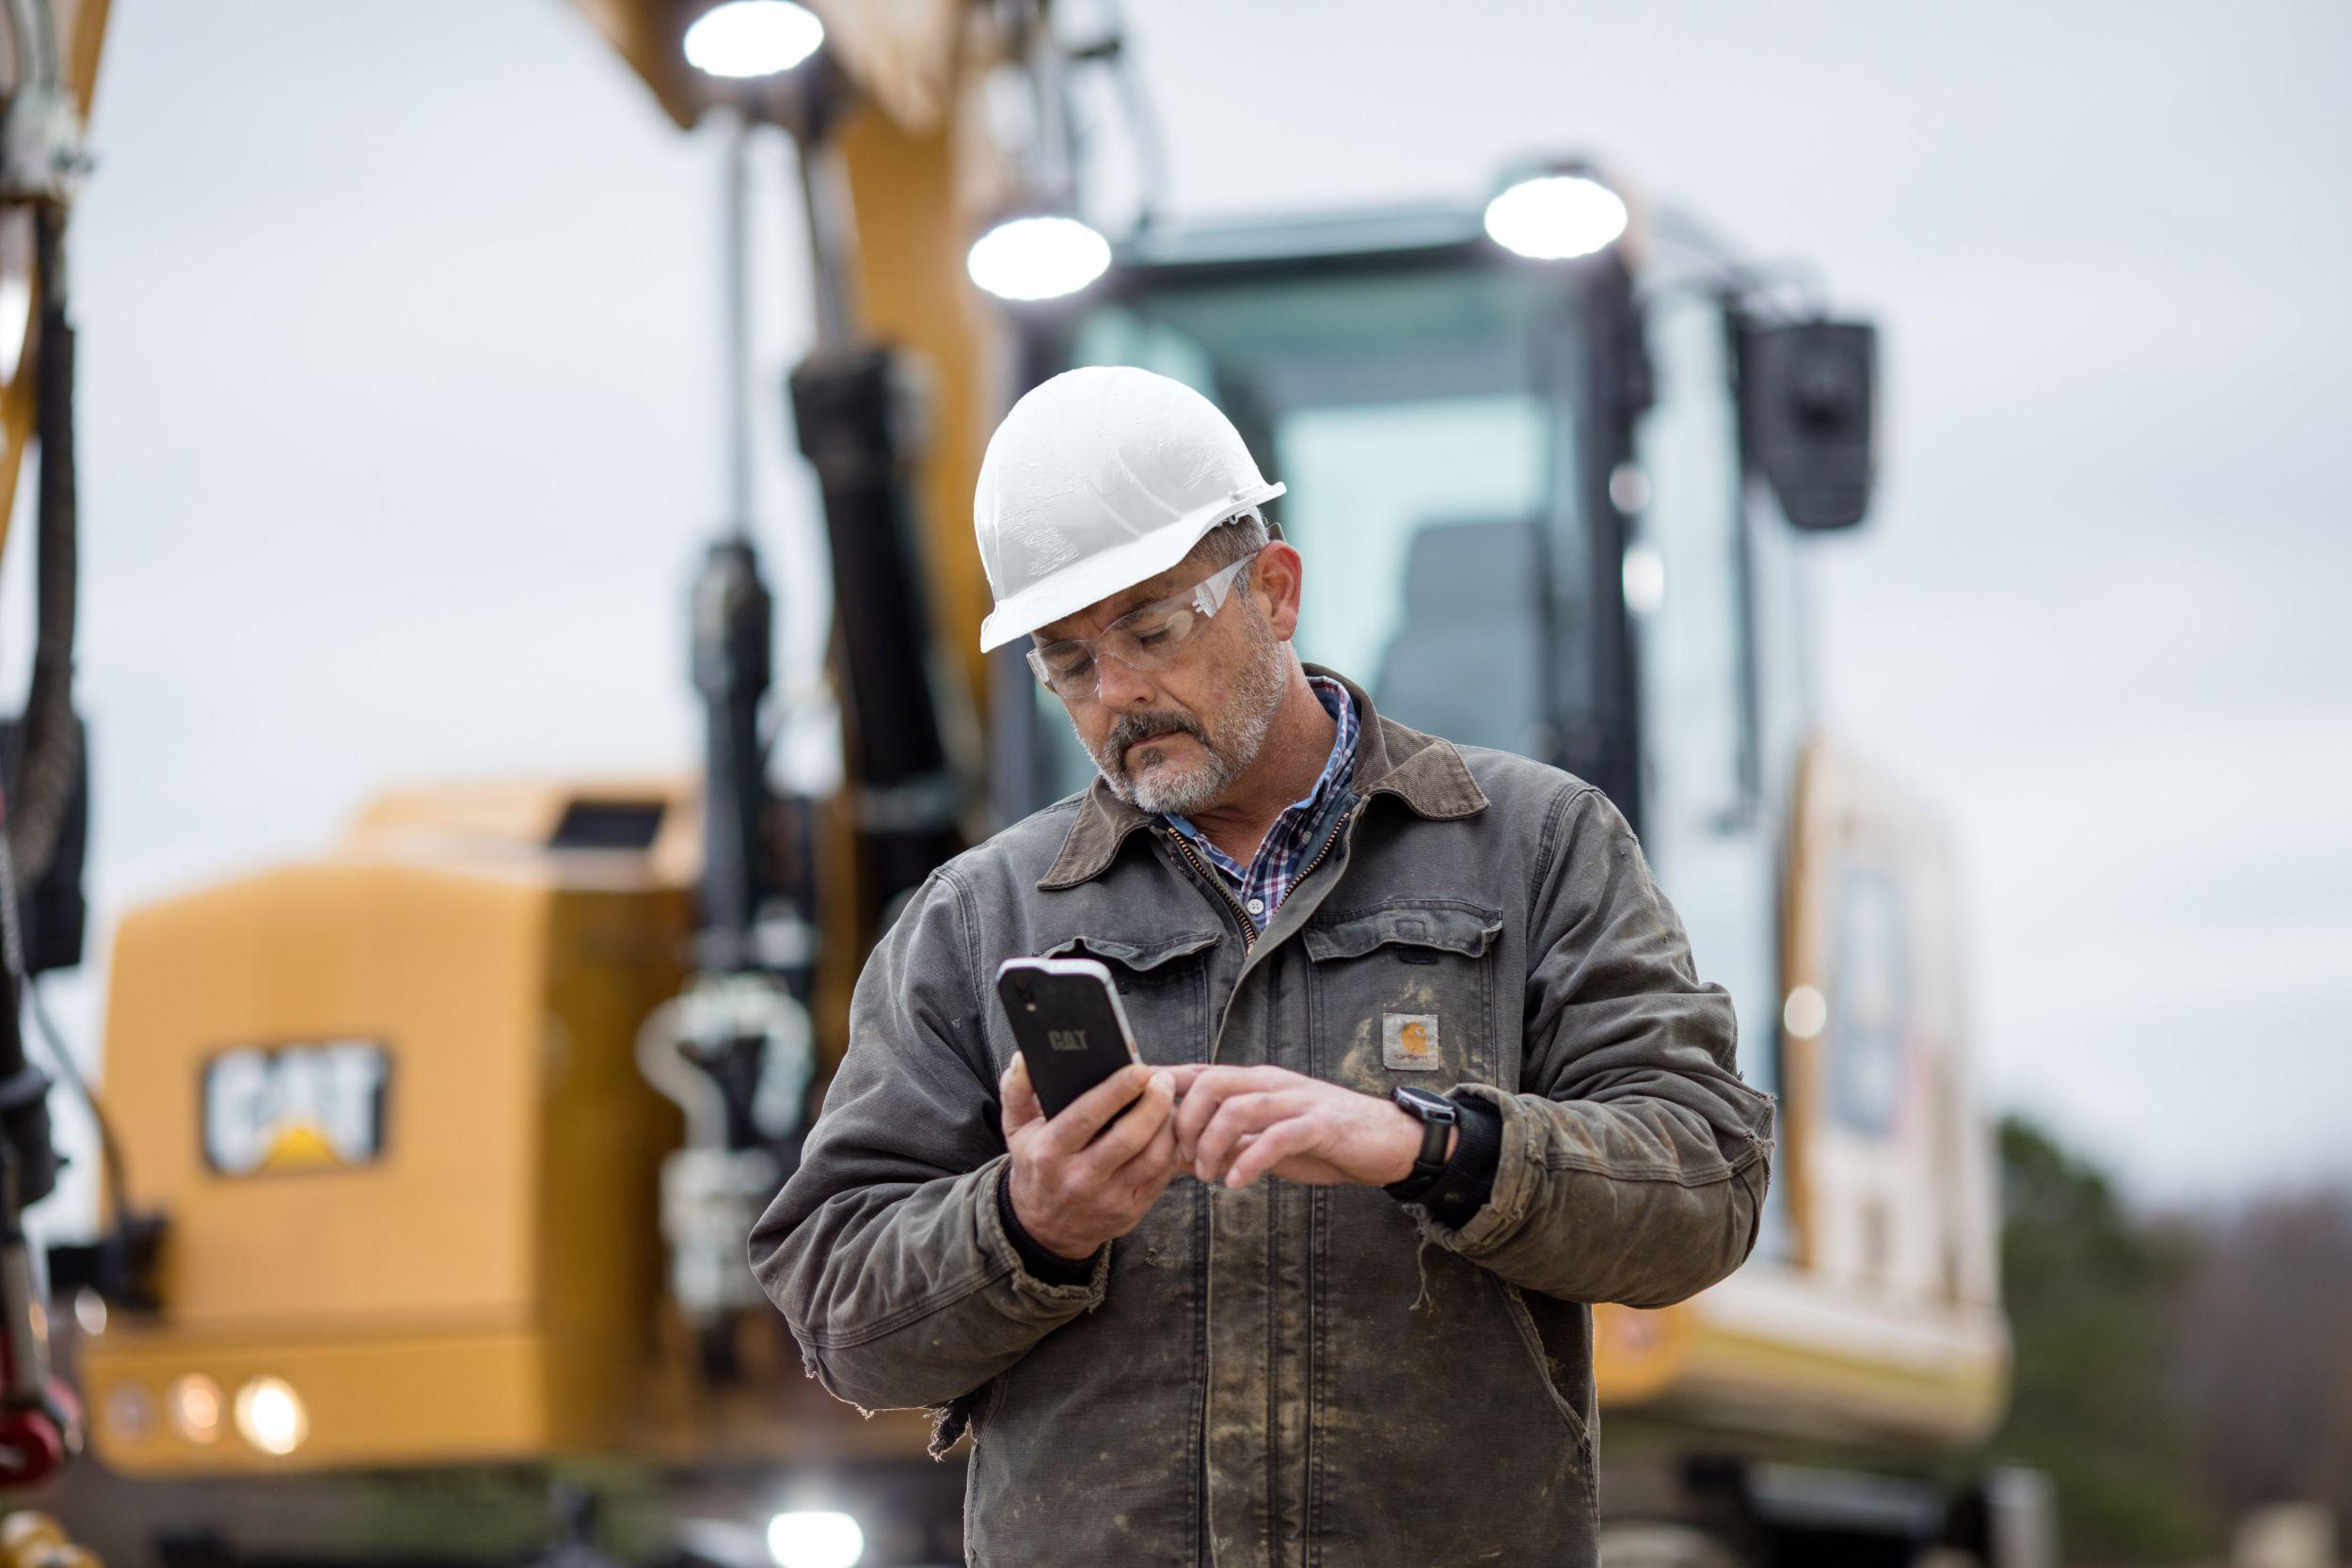 Man looking at phone at jobsite